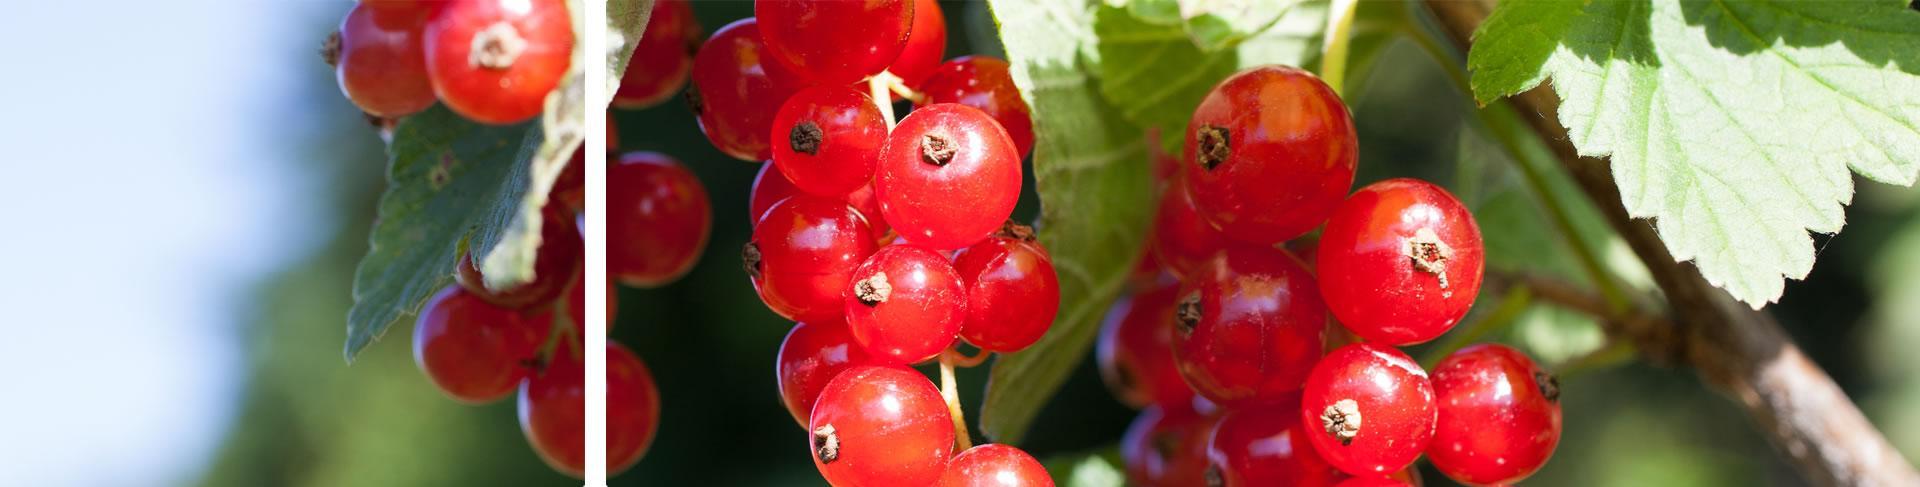 Frische Kräuter und Beeren aus dem eigenen Garten